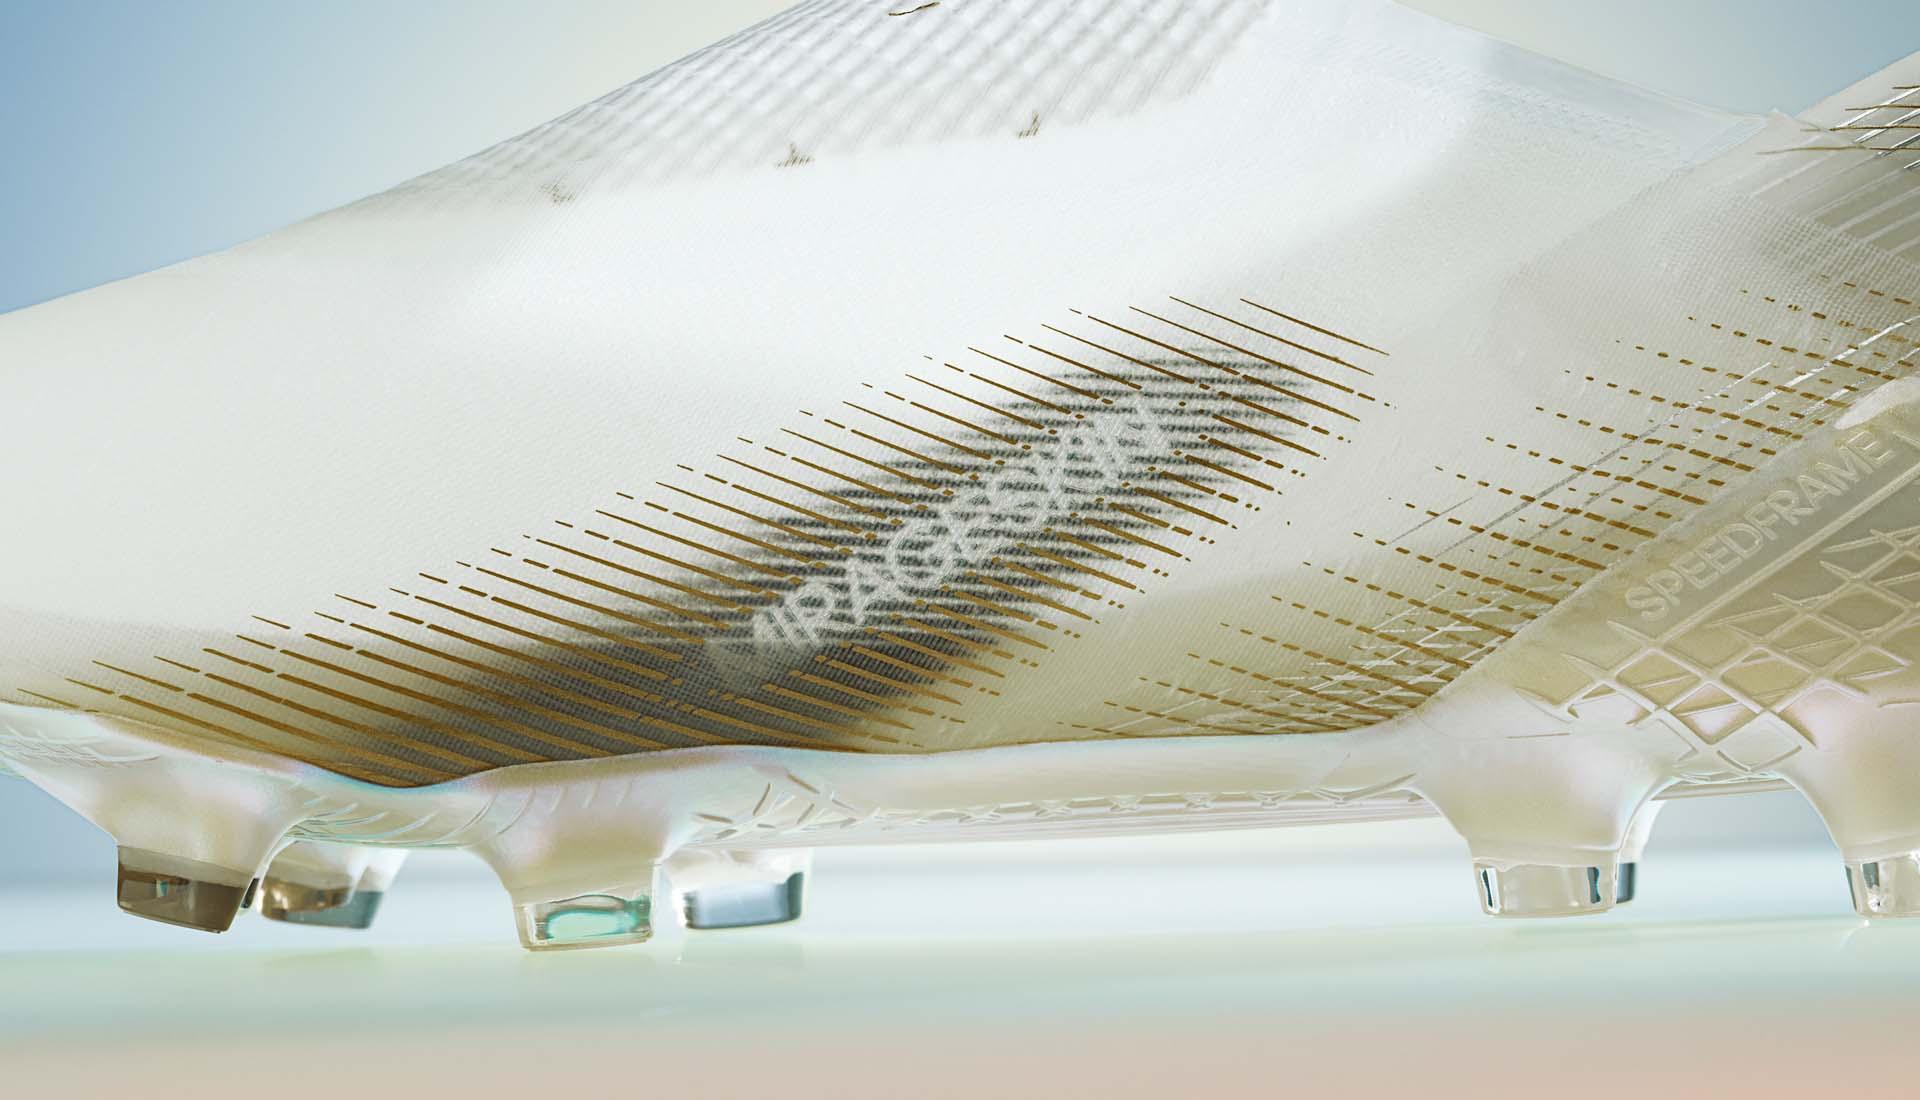 Thiết kế da giày MIRAGESKIN được in ở phần má trong giày bóng đá X20+